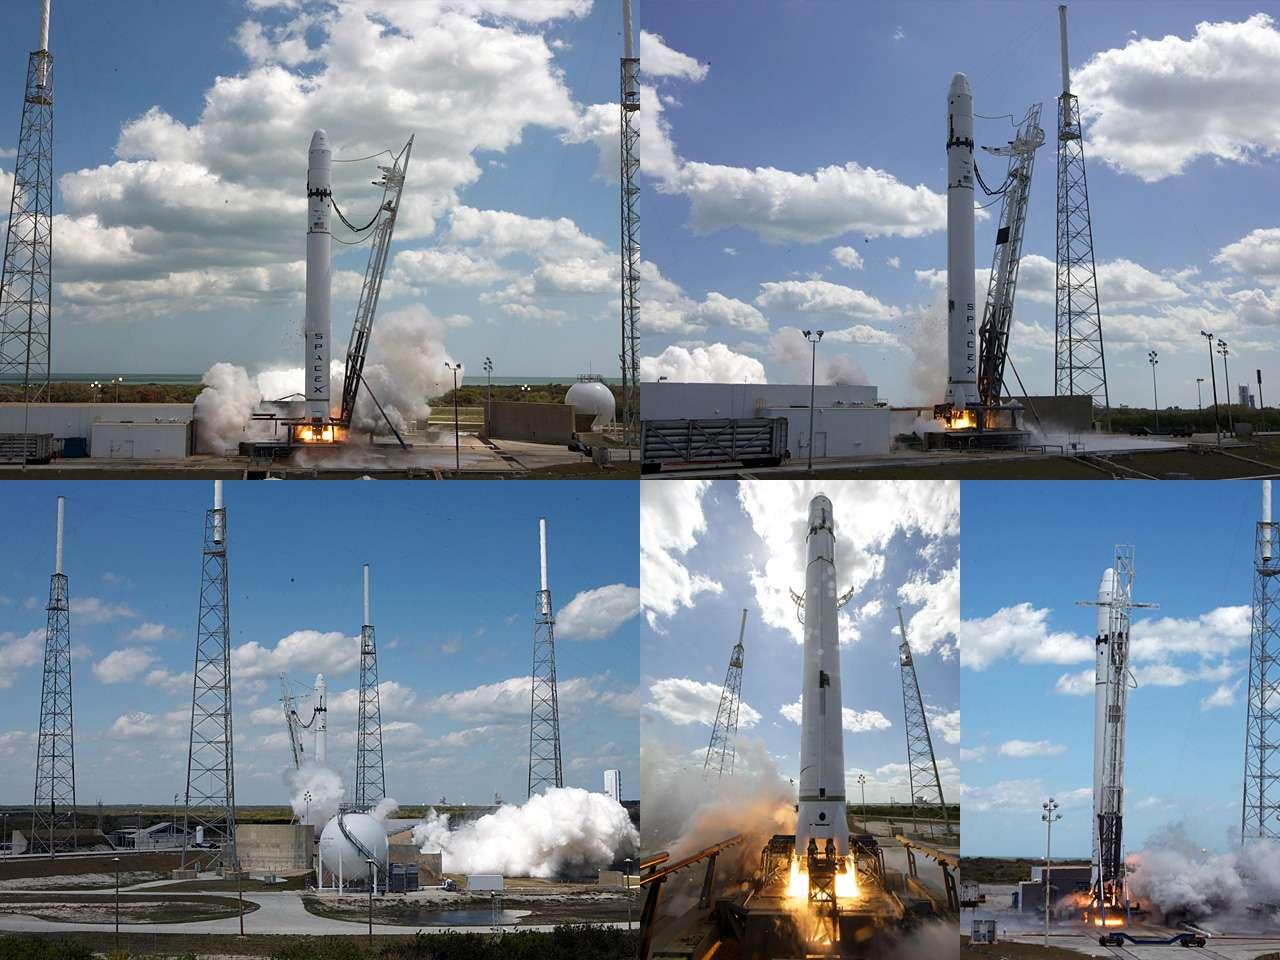 Mise à feu réussie des 9 moteurs Merlin du premier étage de Falcon-9. Ils ont fonctionné pendant 3,5 secondes, délivrant une poussée de quelque 400 tonnes. Crédit SpaceX